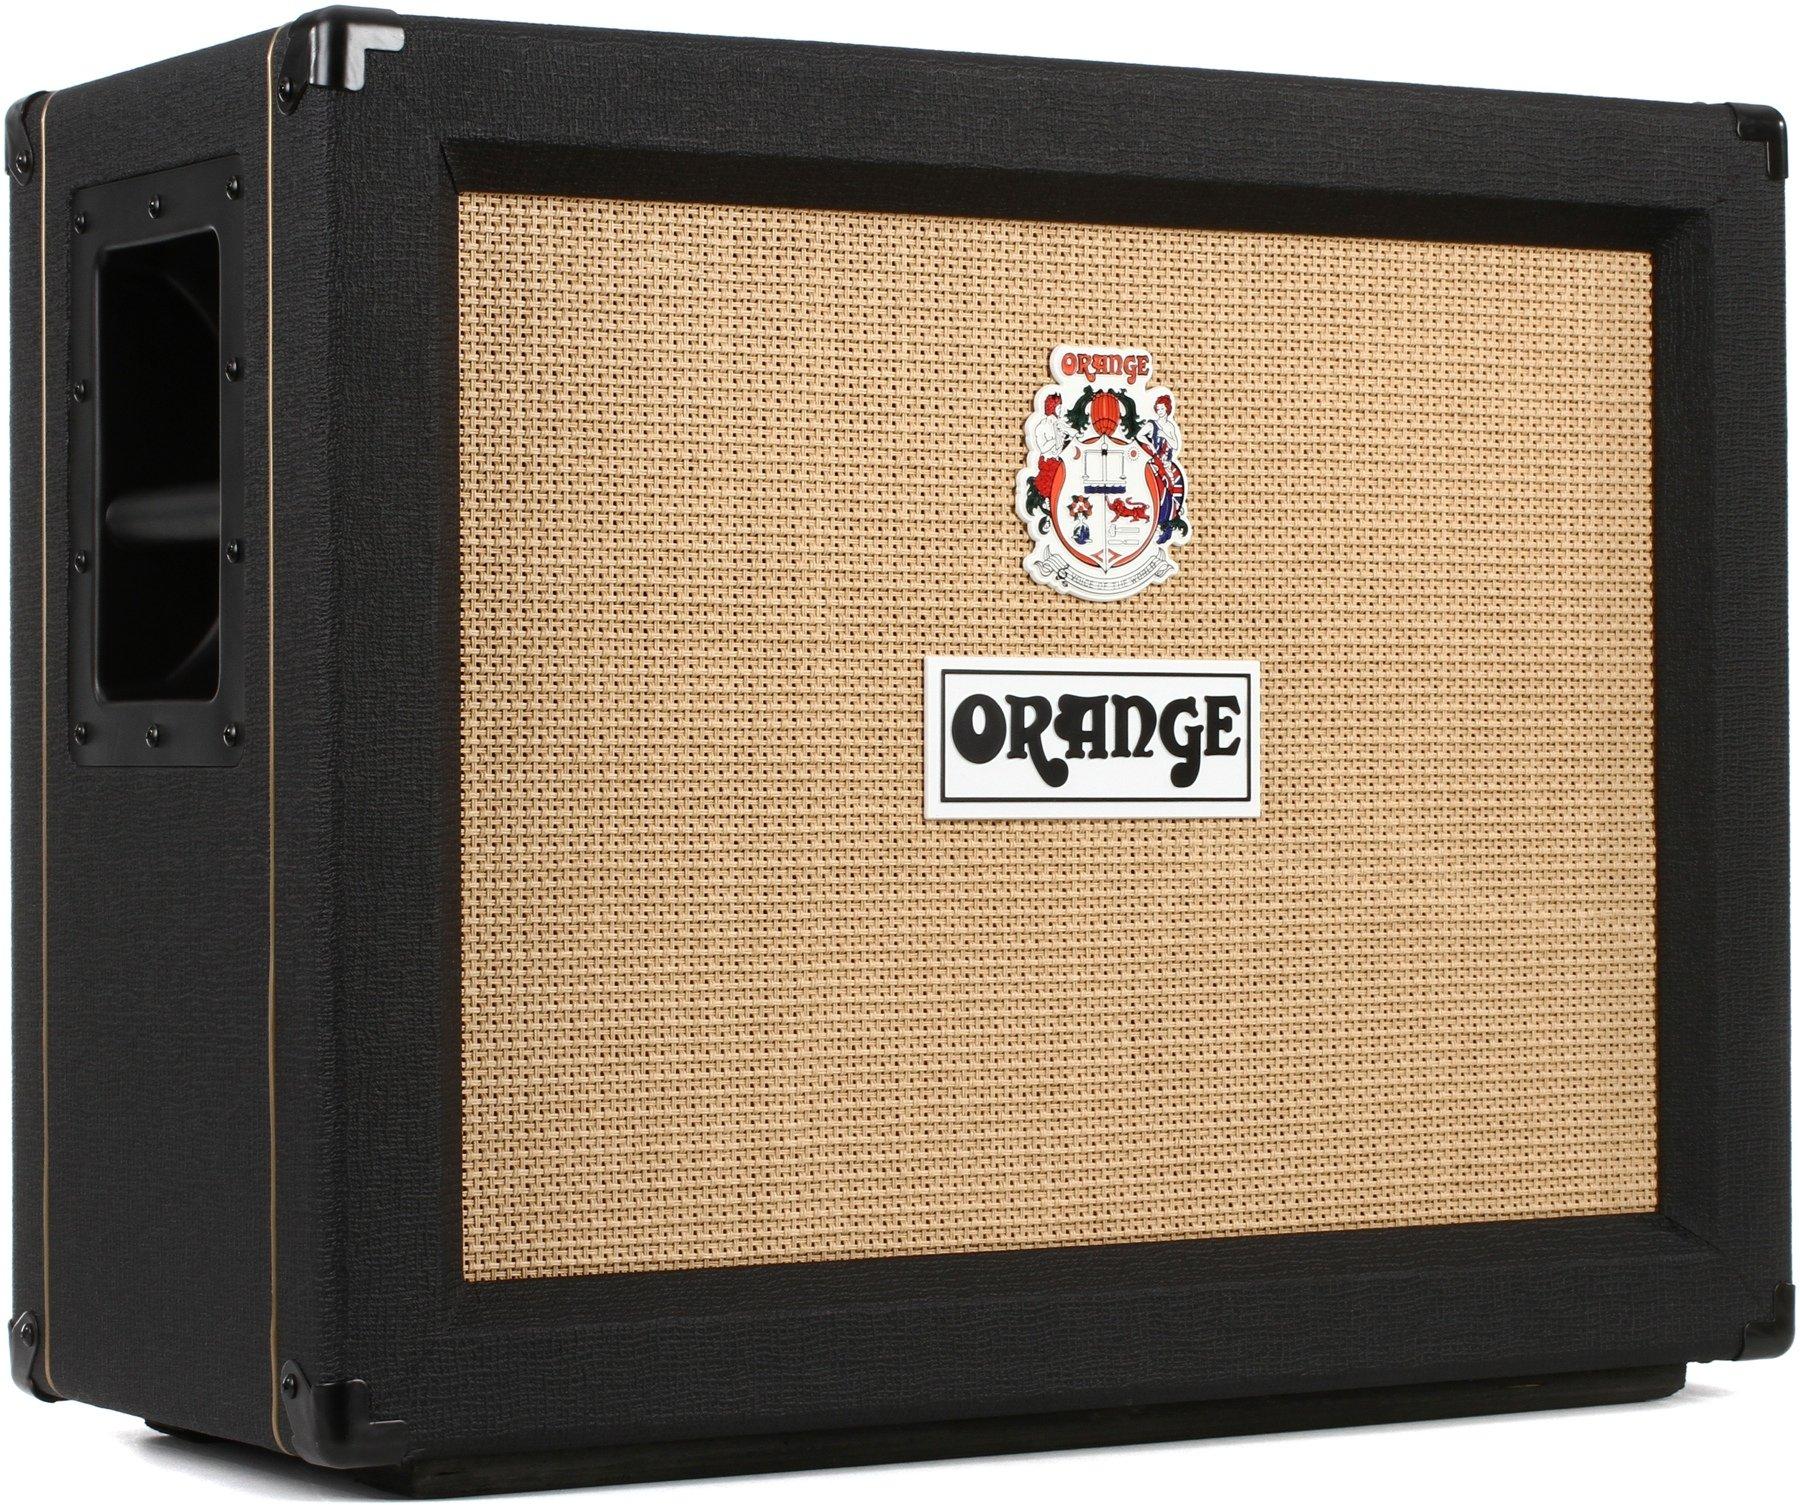 Elegant 16 Ohm Guitar Cabinet